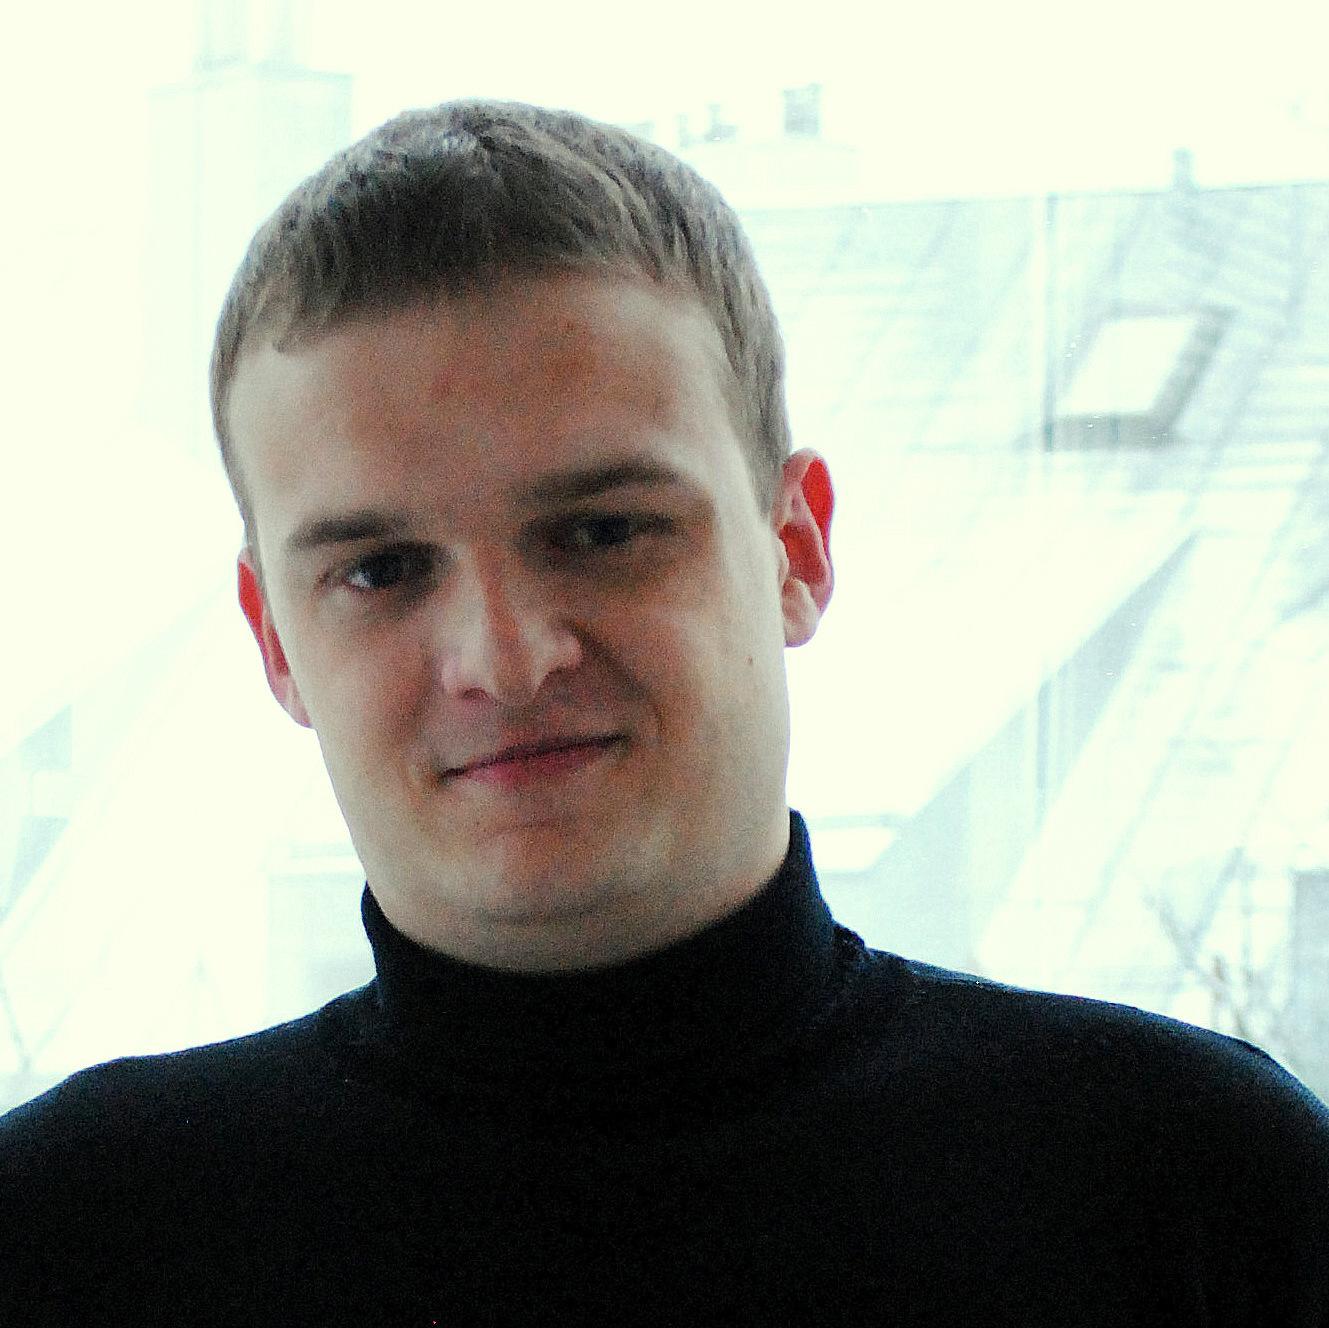 Jokubas Neciunas